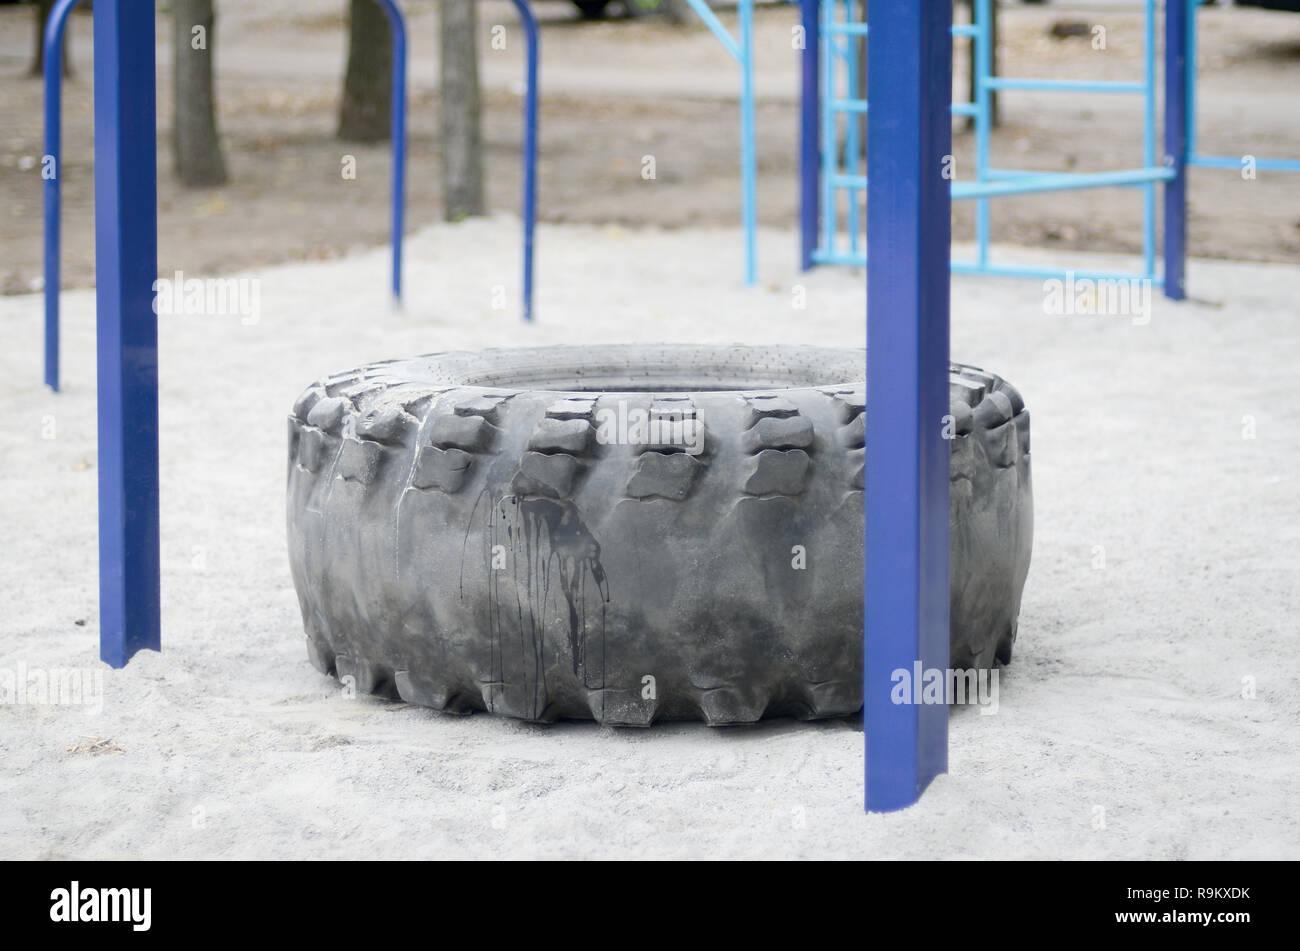 Klettergerüst Reifen : Eine große schwarze reifen gegen straße sportplatz zum